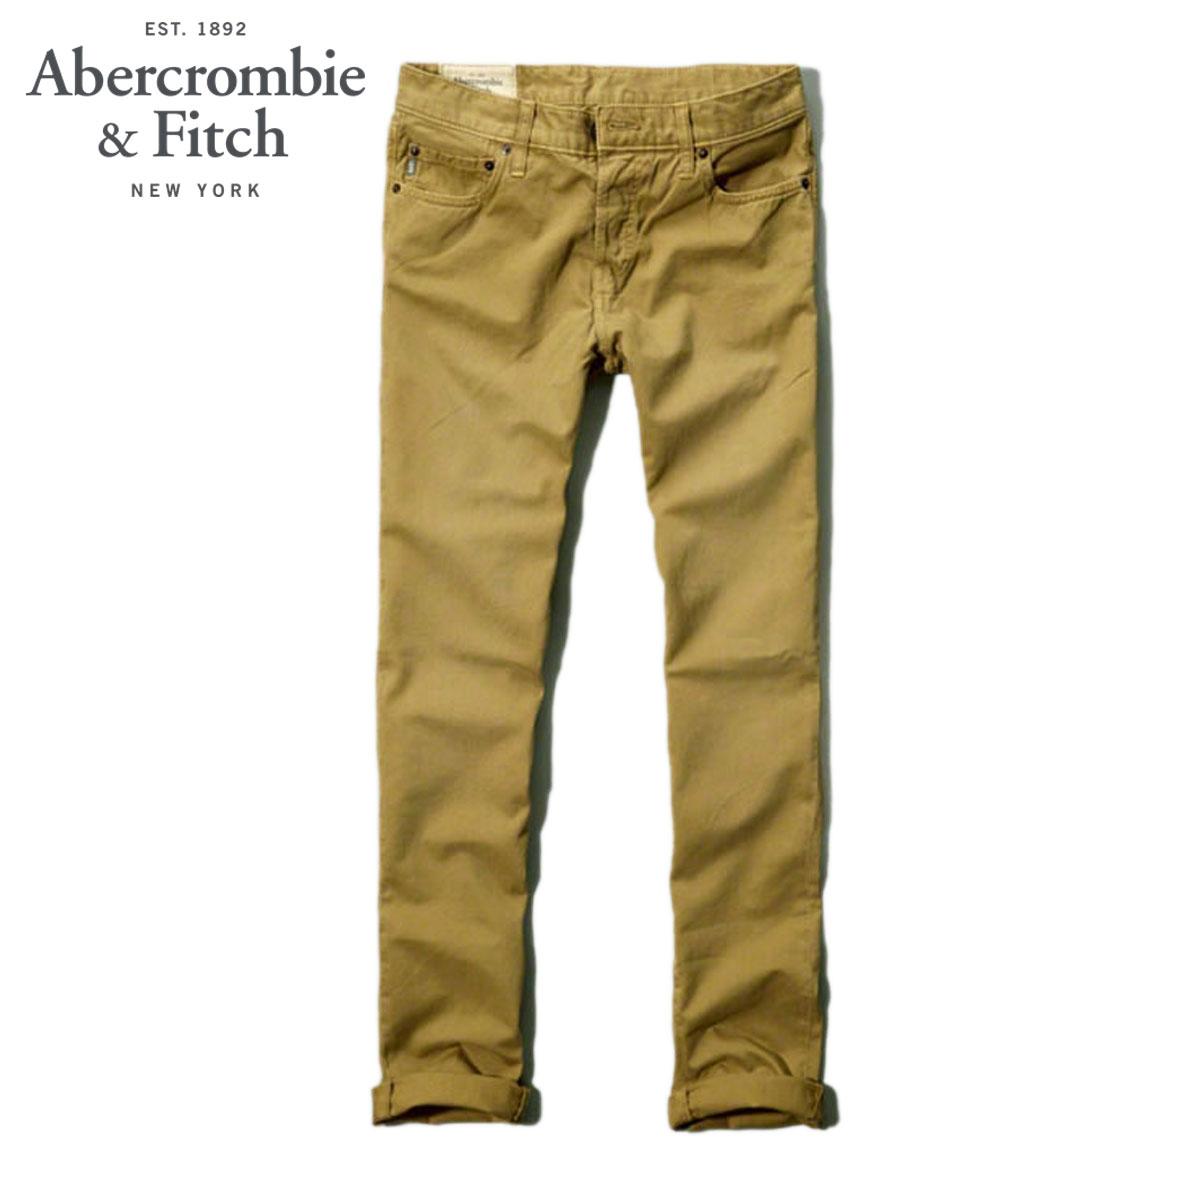 アバクロ Abercrombie&Fitch 正規品 メンズ チノパン A&F SKINNY PANTS 130-307-0168-045 D20S30